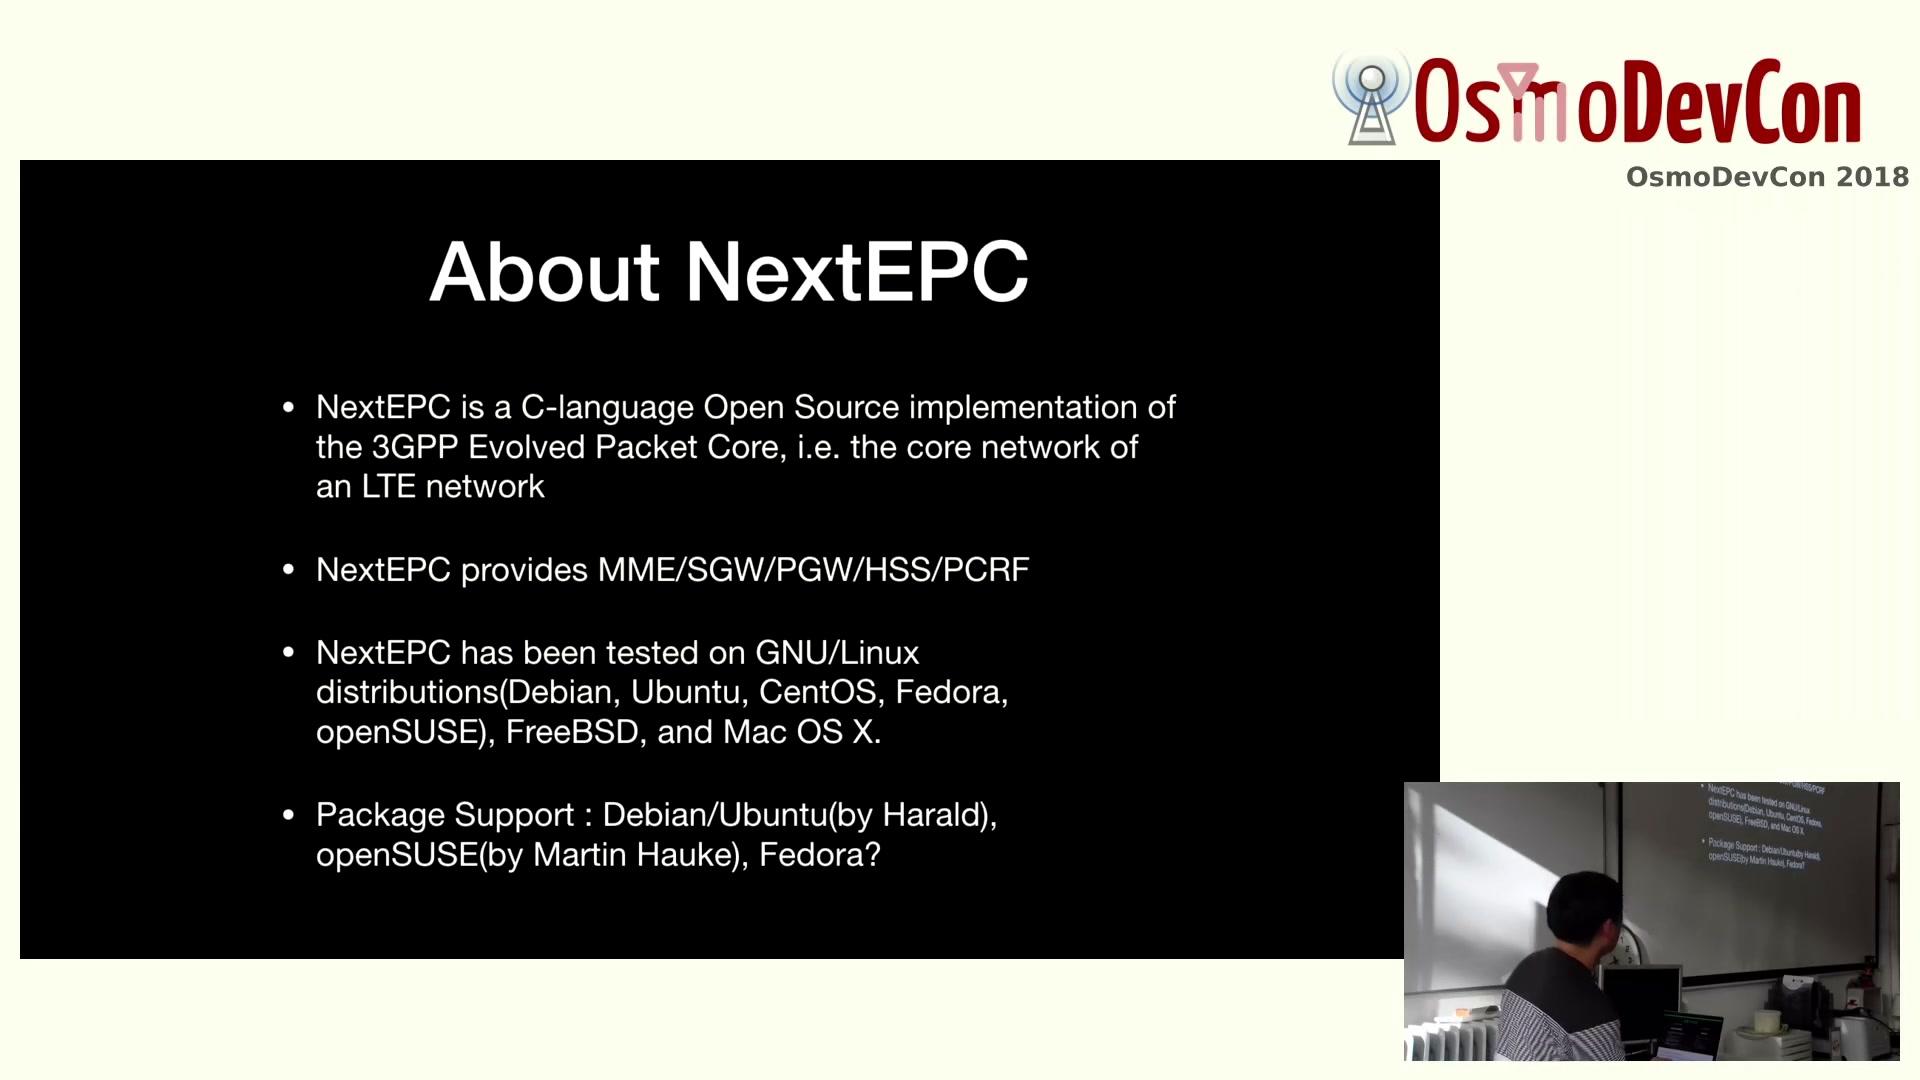 media ccc de - nextepc as LTE core network